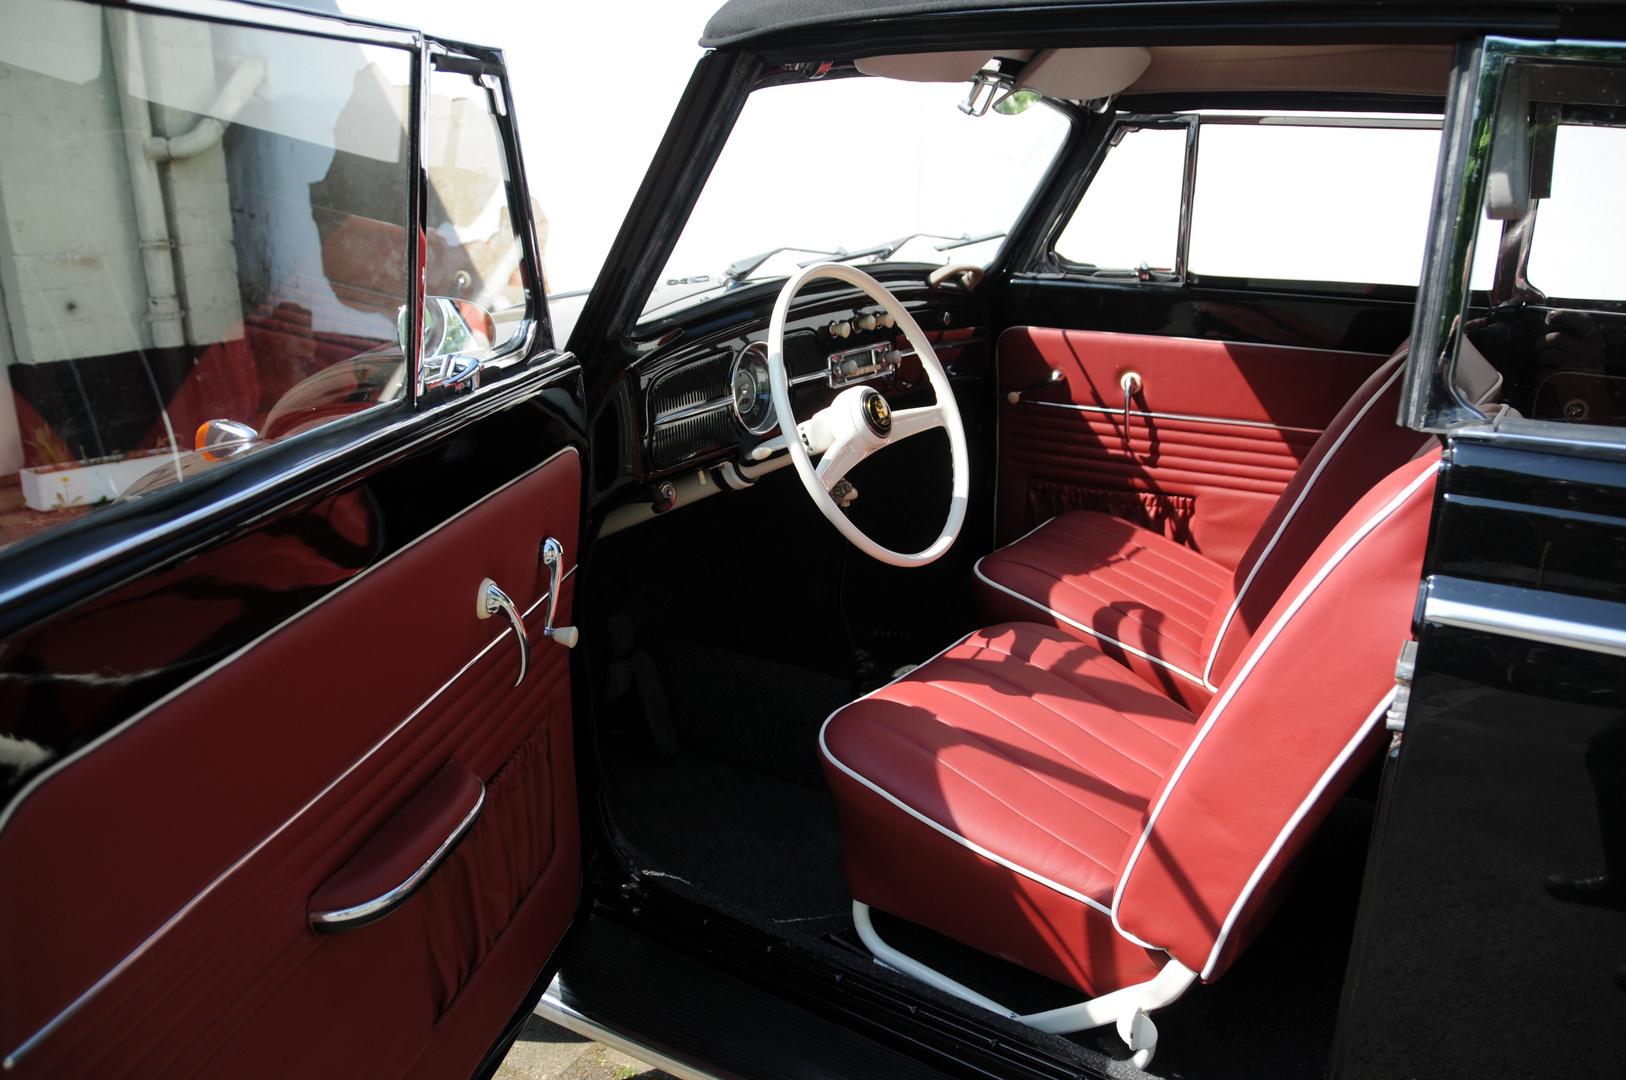 k fer cabrio 1958 von innen foto bild autos. Black Bedroom Furniture Sets. Home Design Ideas